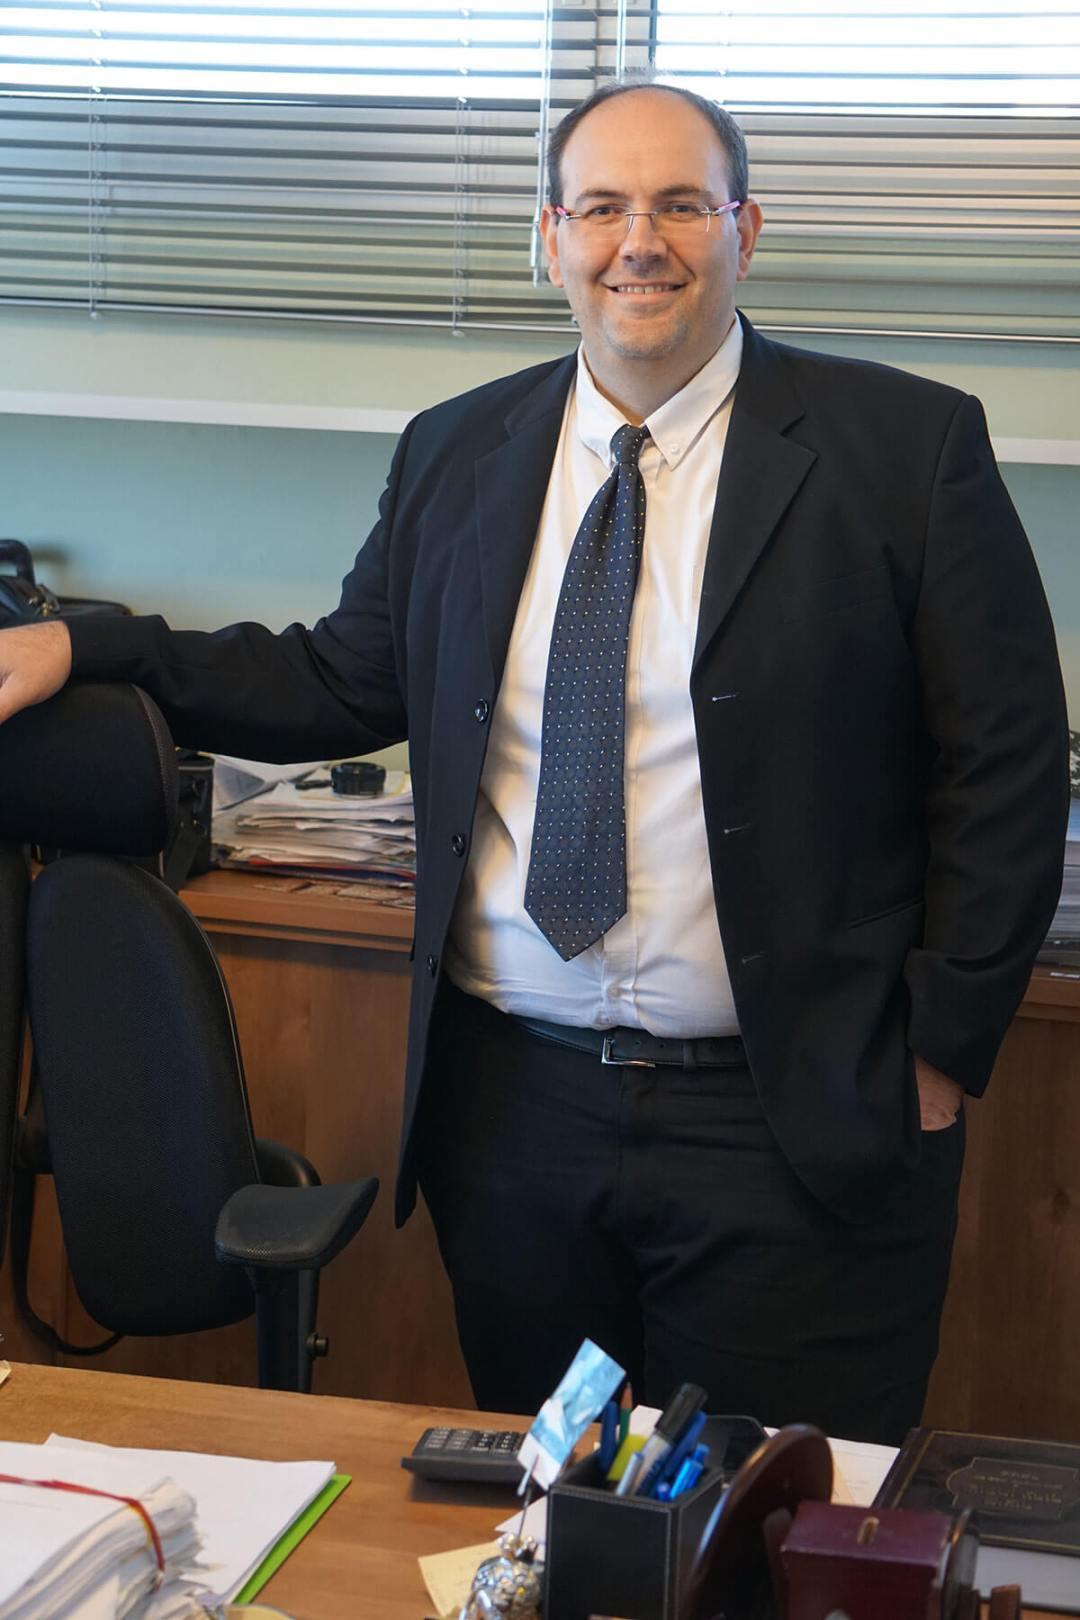 עורך דין לדיני עבודה בכרמיאל